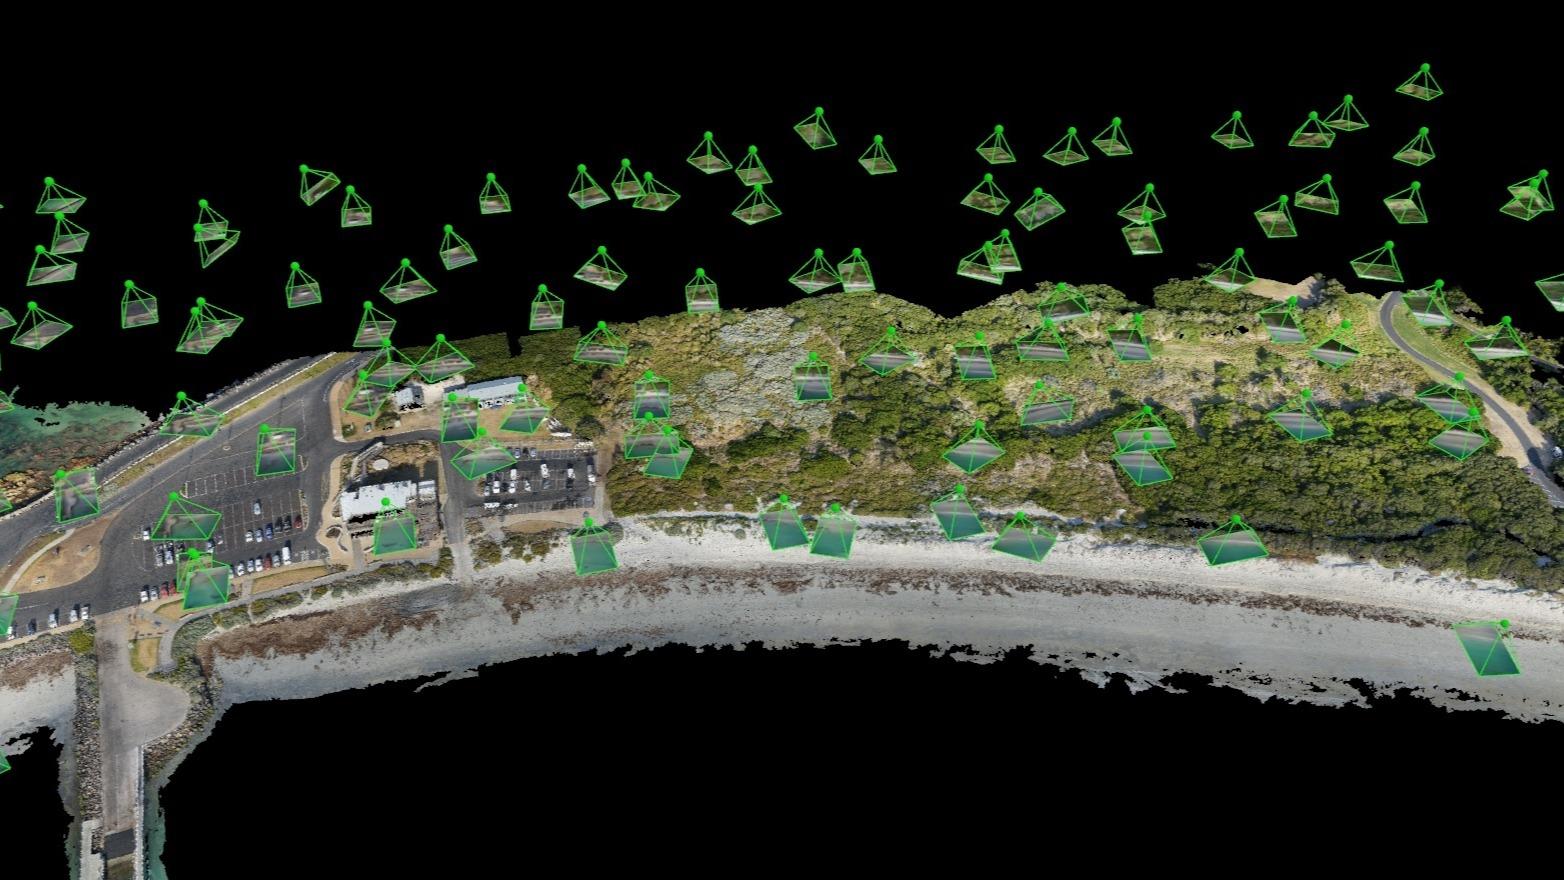 IMAGE: Erosion Volume Measurement Storm Pix4d pix4dmapper point cloud-1